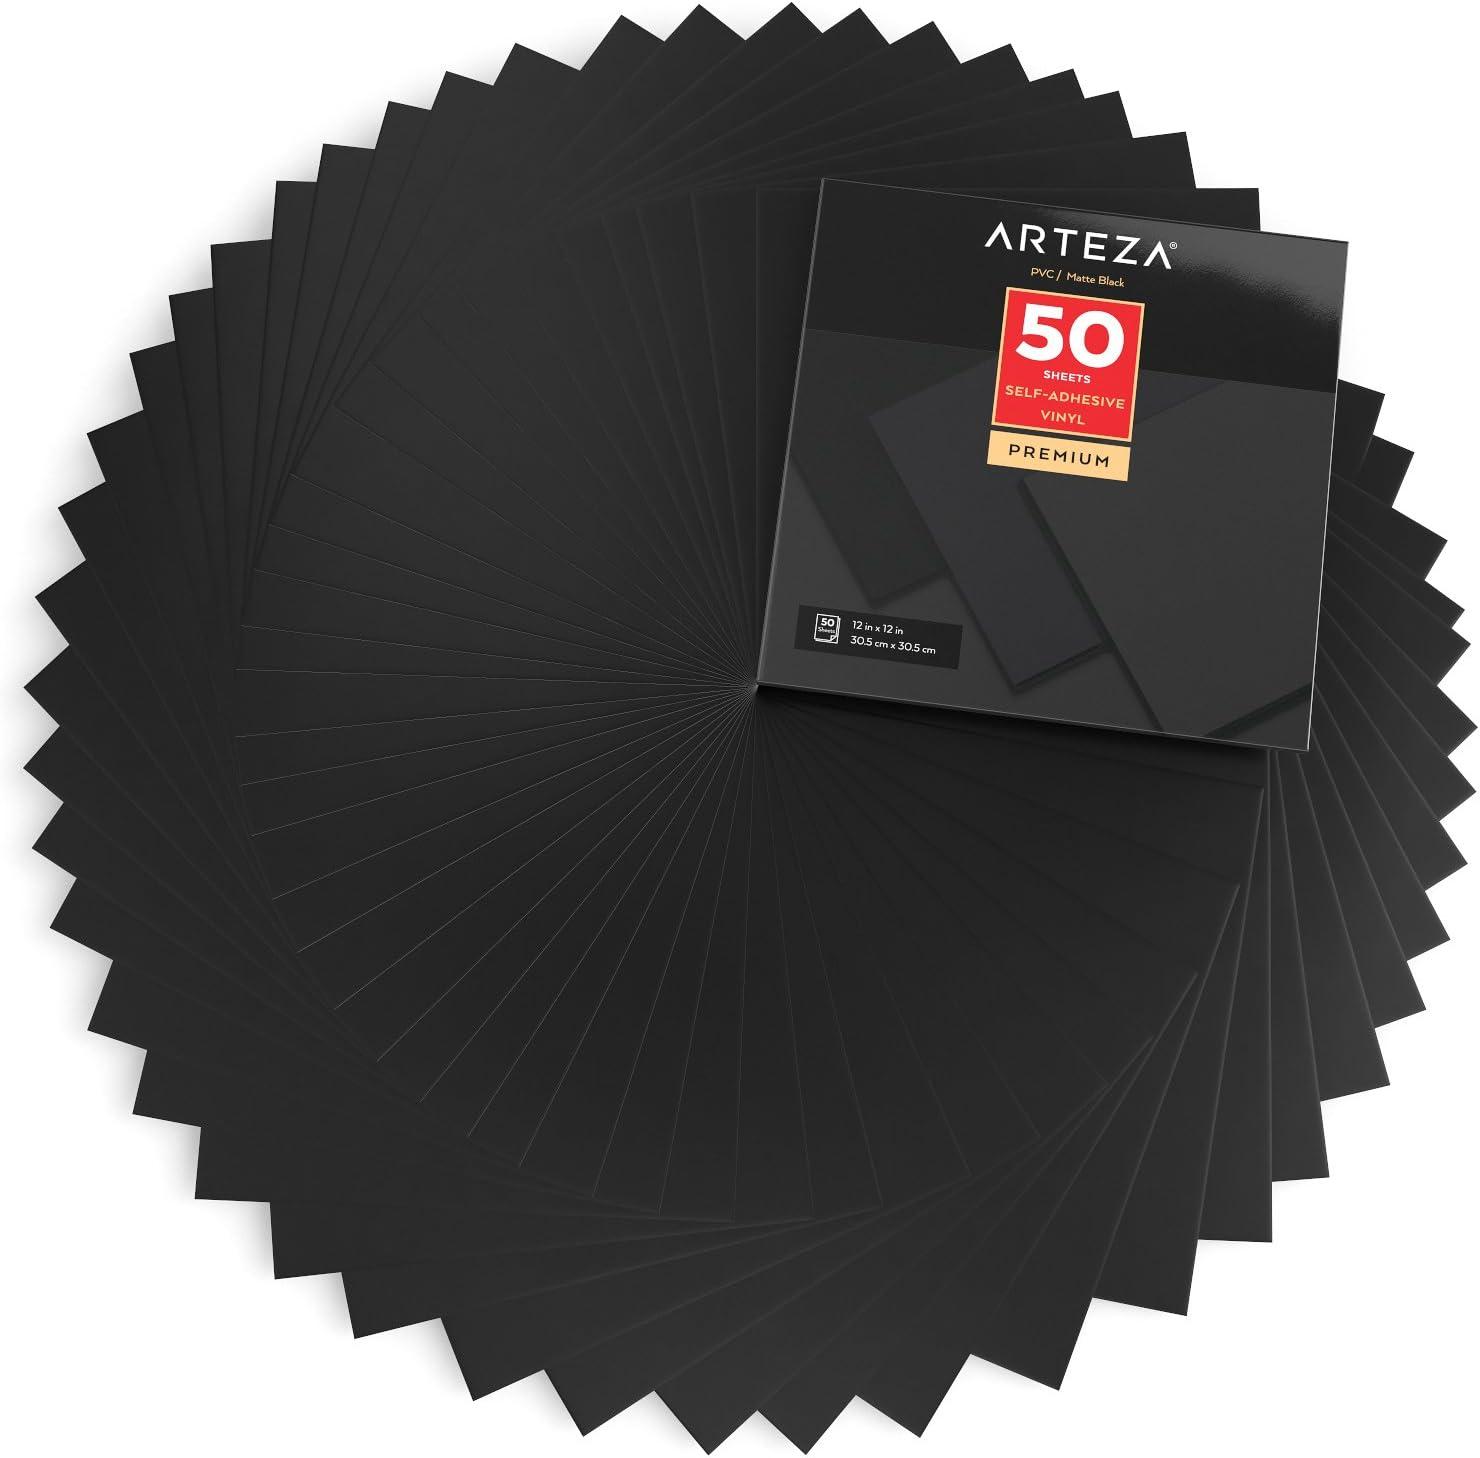 Arteza Láminas de vinilo adhesivo | Color negro mate | 50 hojas de pvc de 30,5 x 30,5cm | Vinilos impermeables para interiores y exteriores | Compatibles con otras máquinas de corte